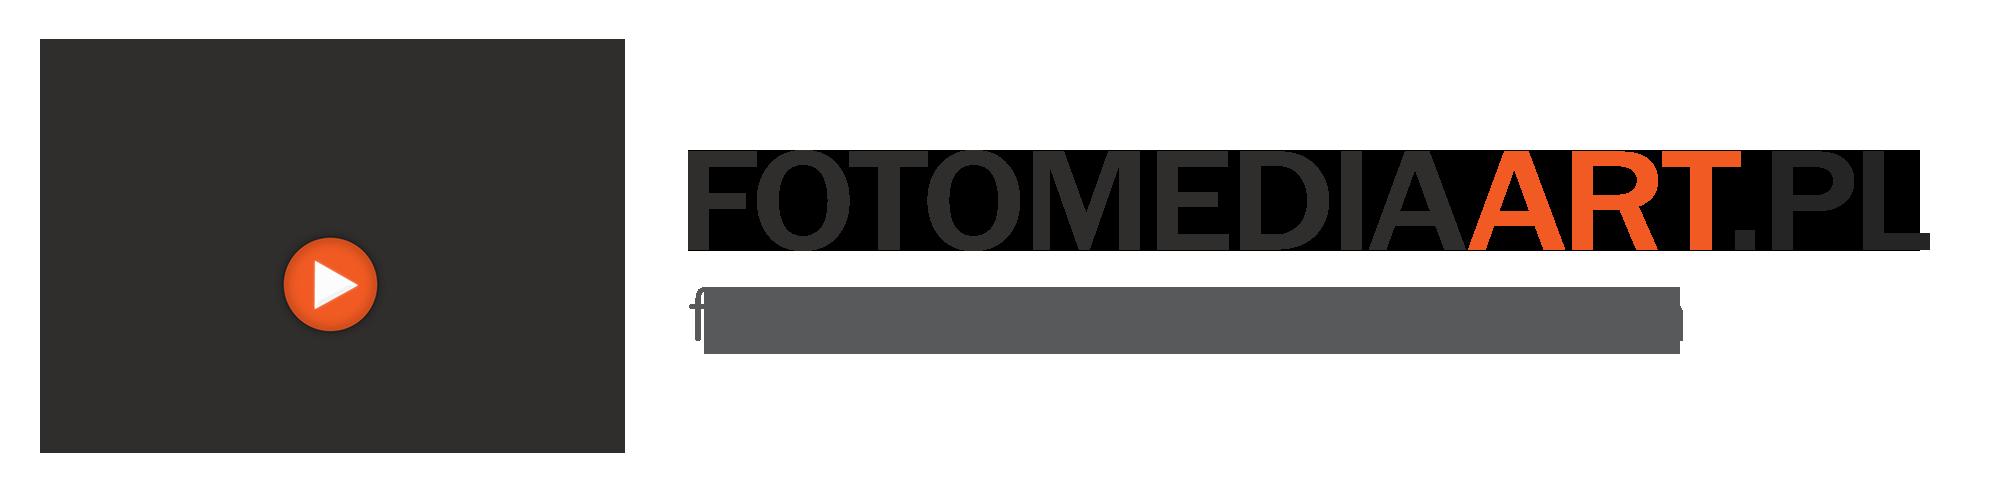 Foto Media Art - fotografia interaktywna Ostrowiec Świętokrzyski